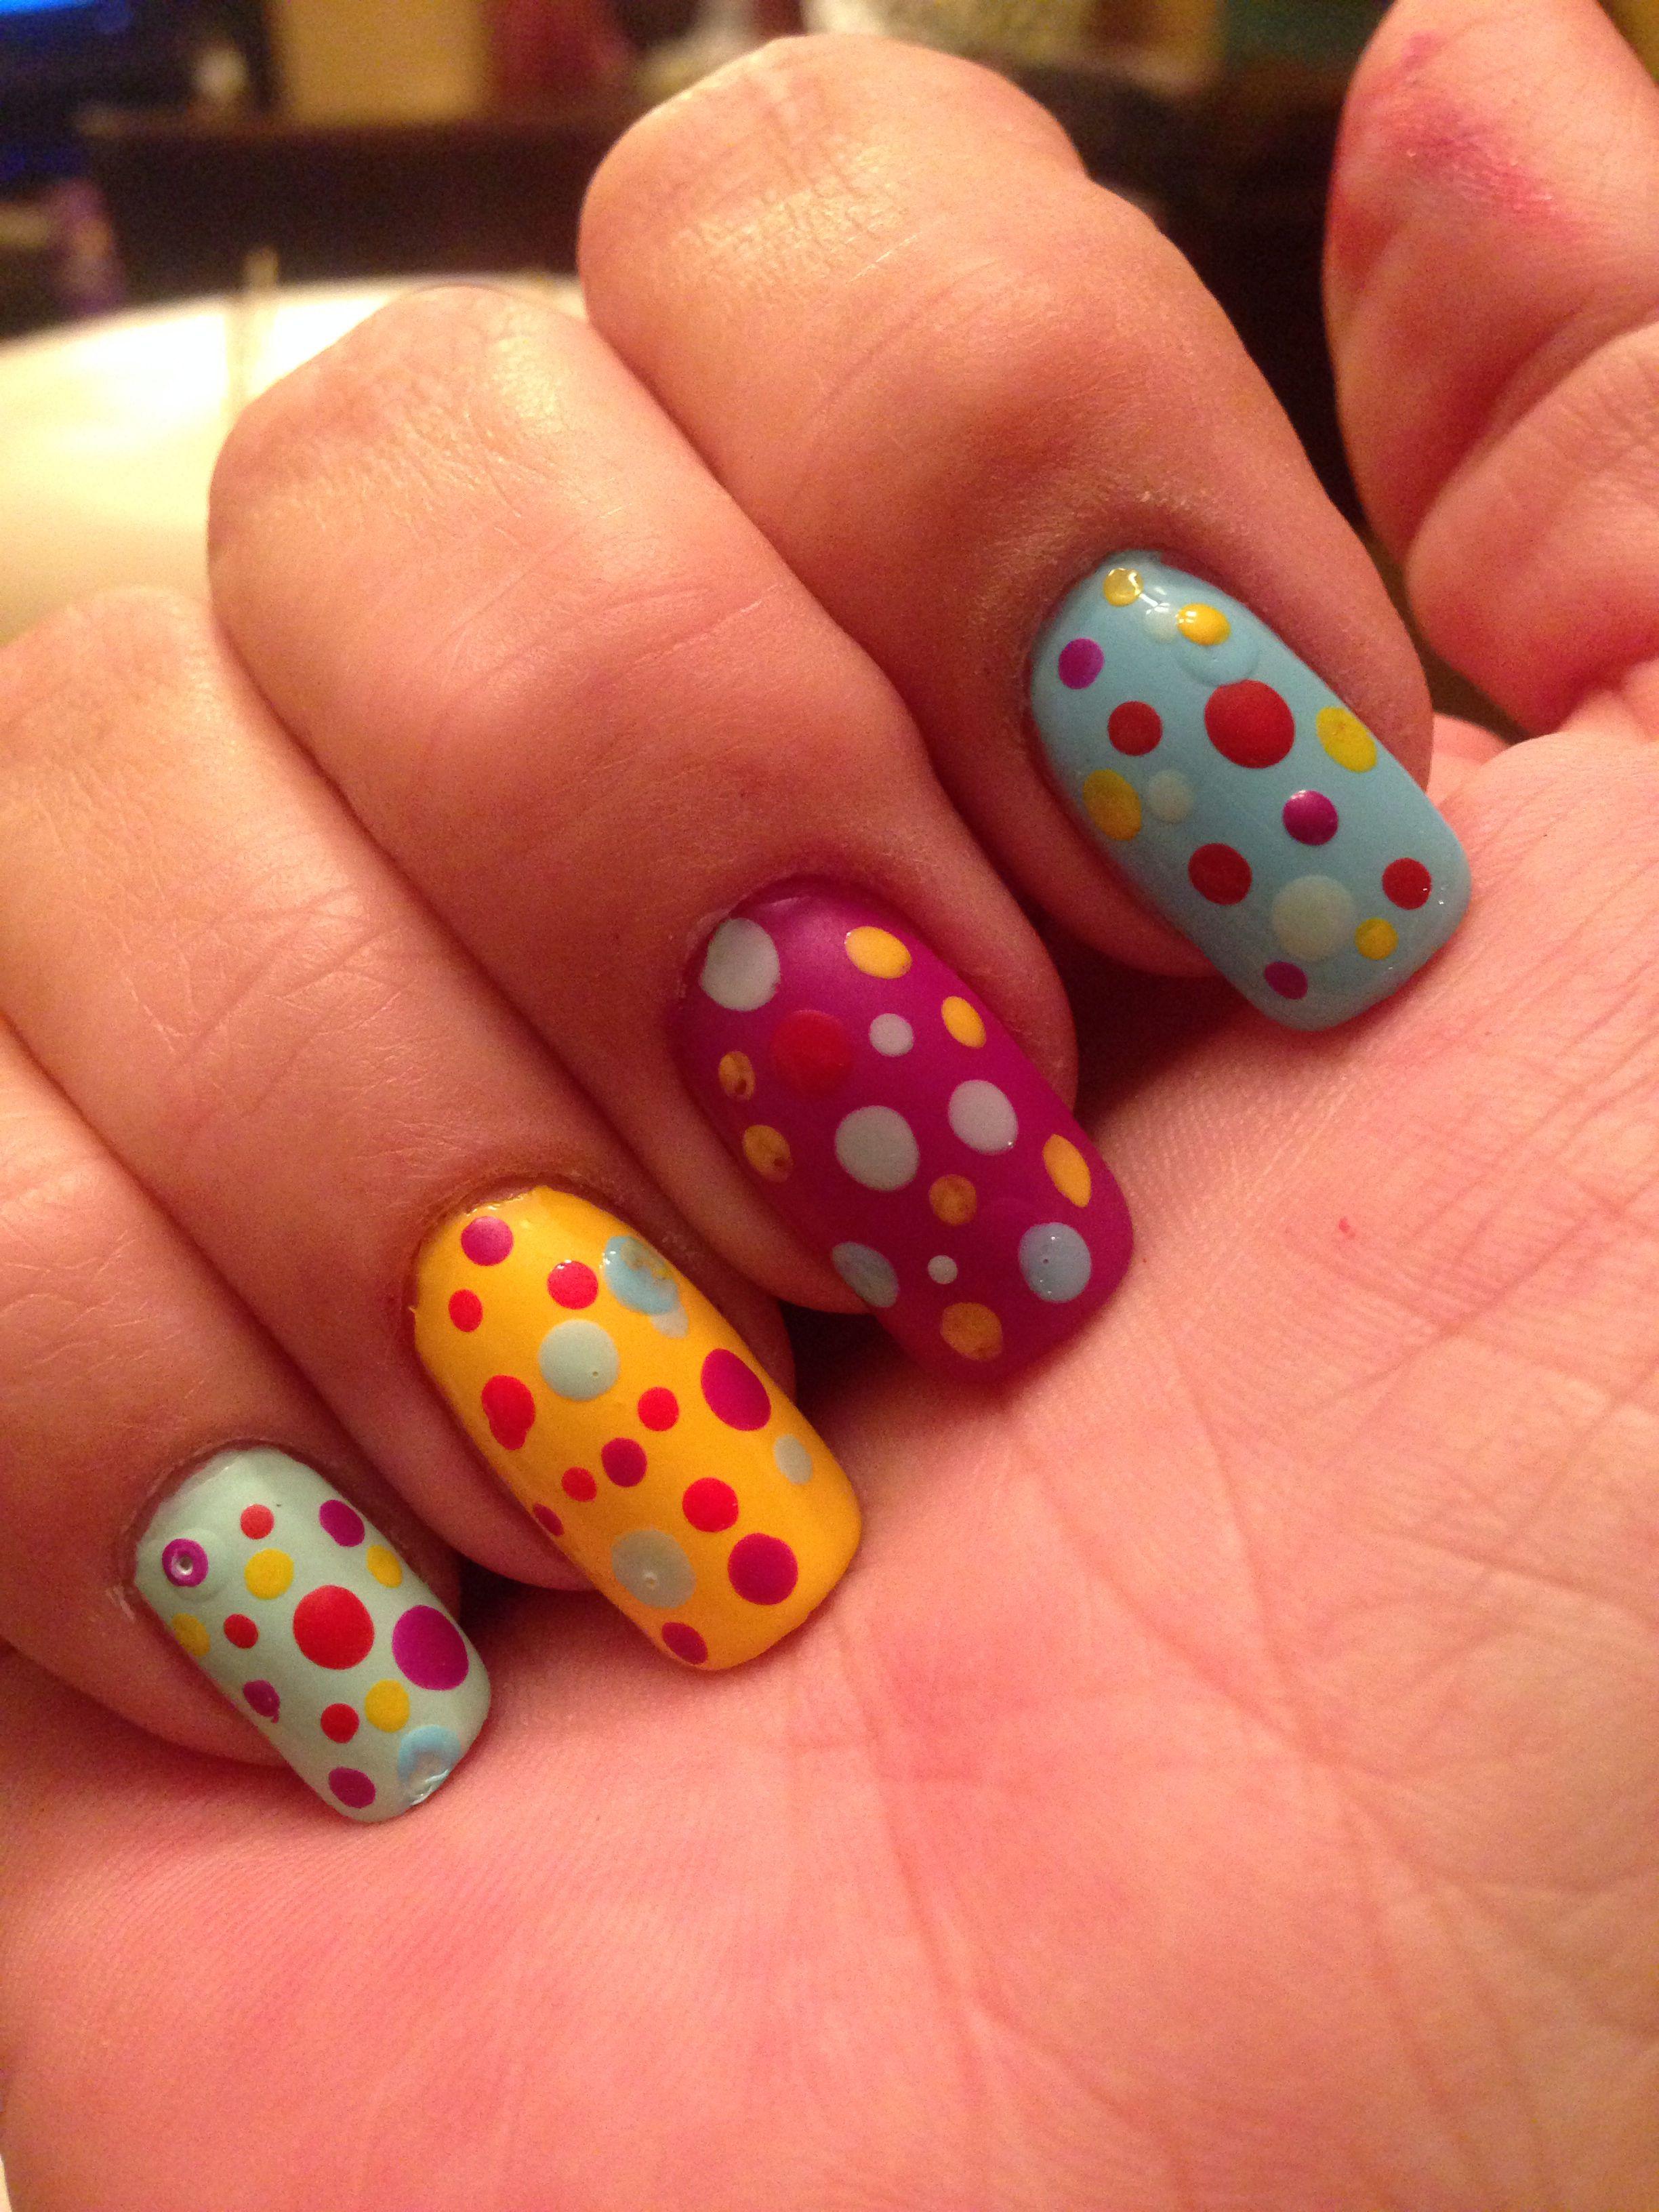 Fun with polka dots